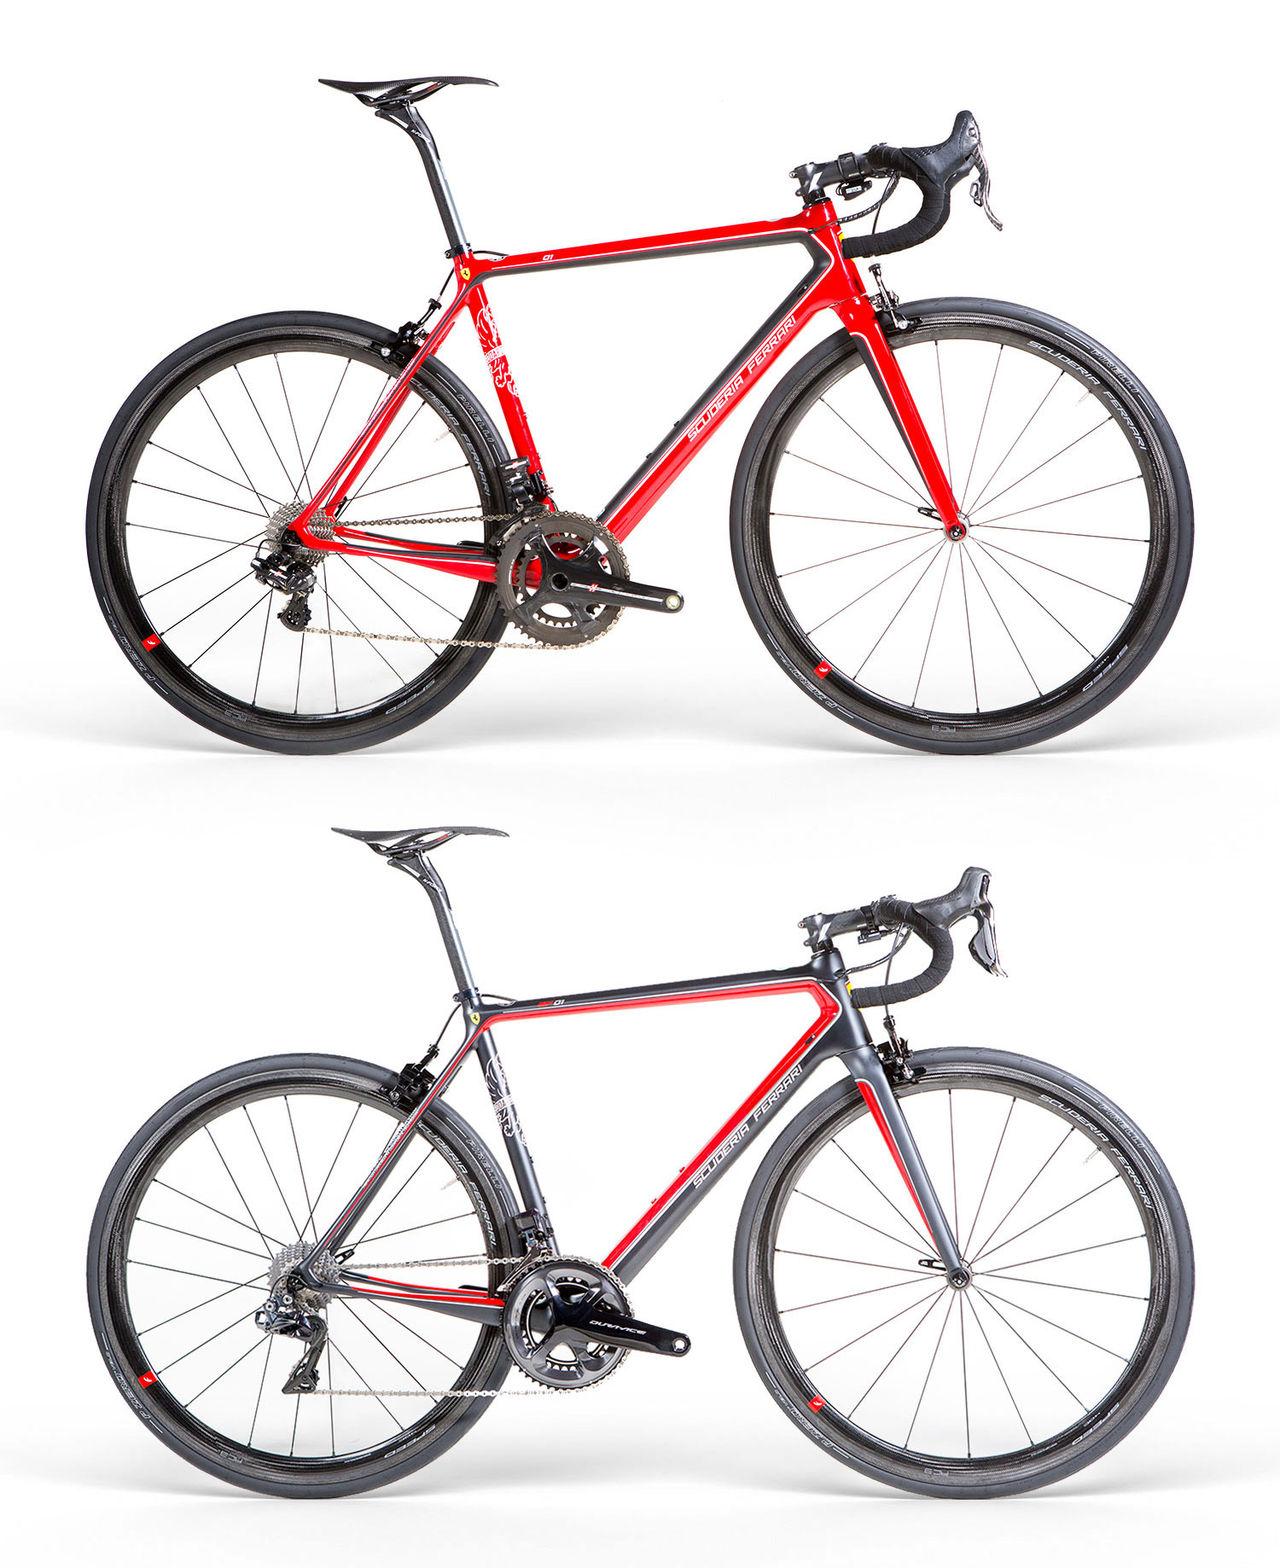 Ferrari och Bianchi gör cyklar tillsammans